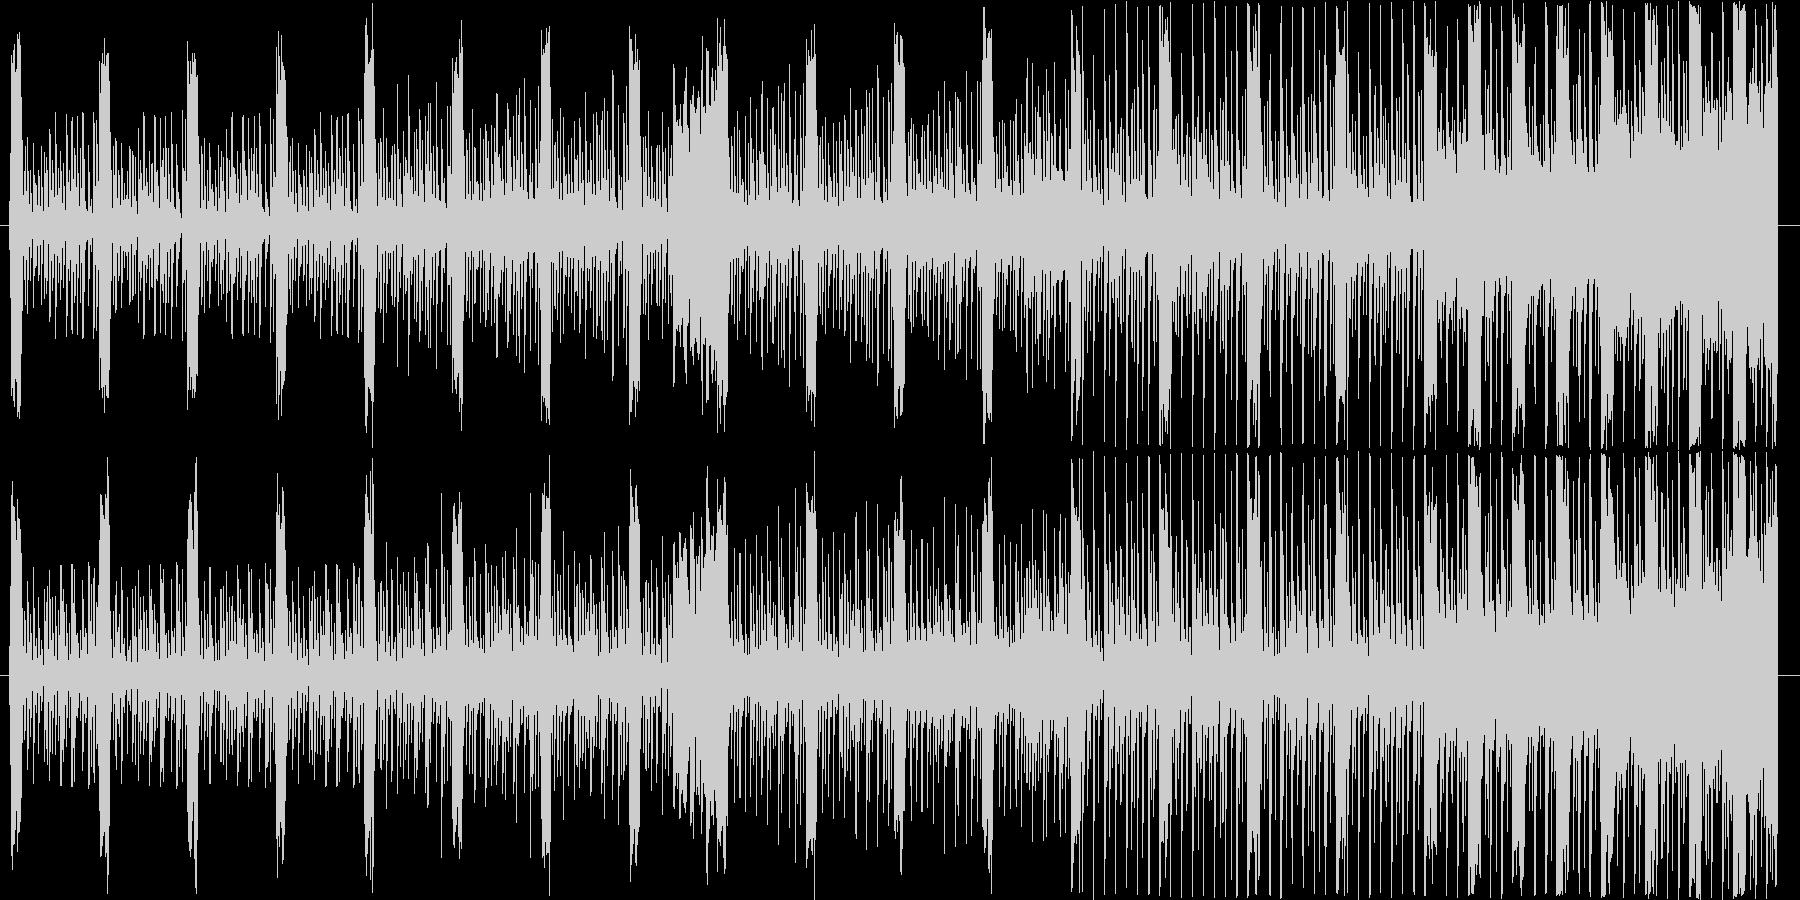 不穏な雰囲気から何かが始まりそうなBGMの未再生の波形